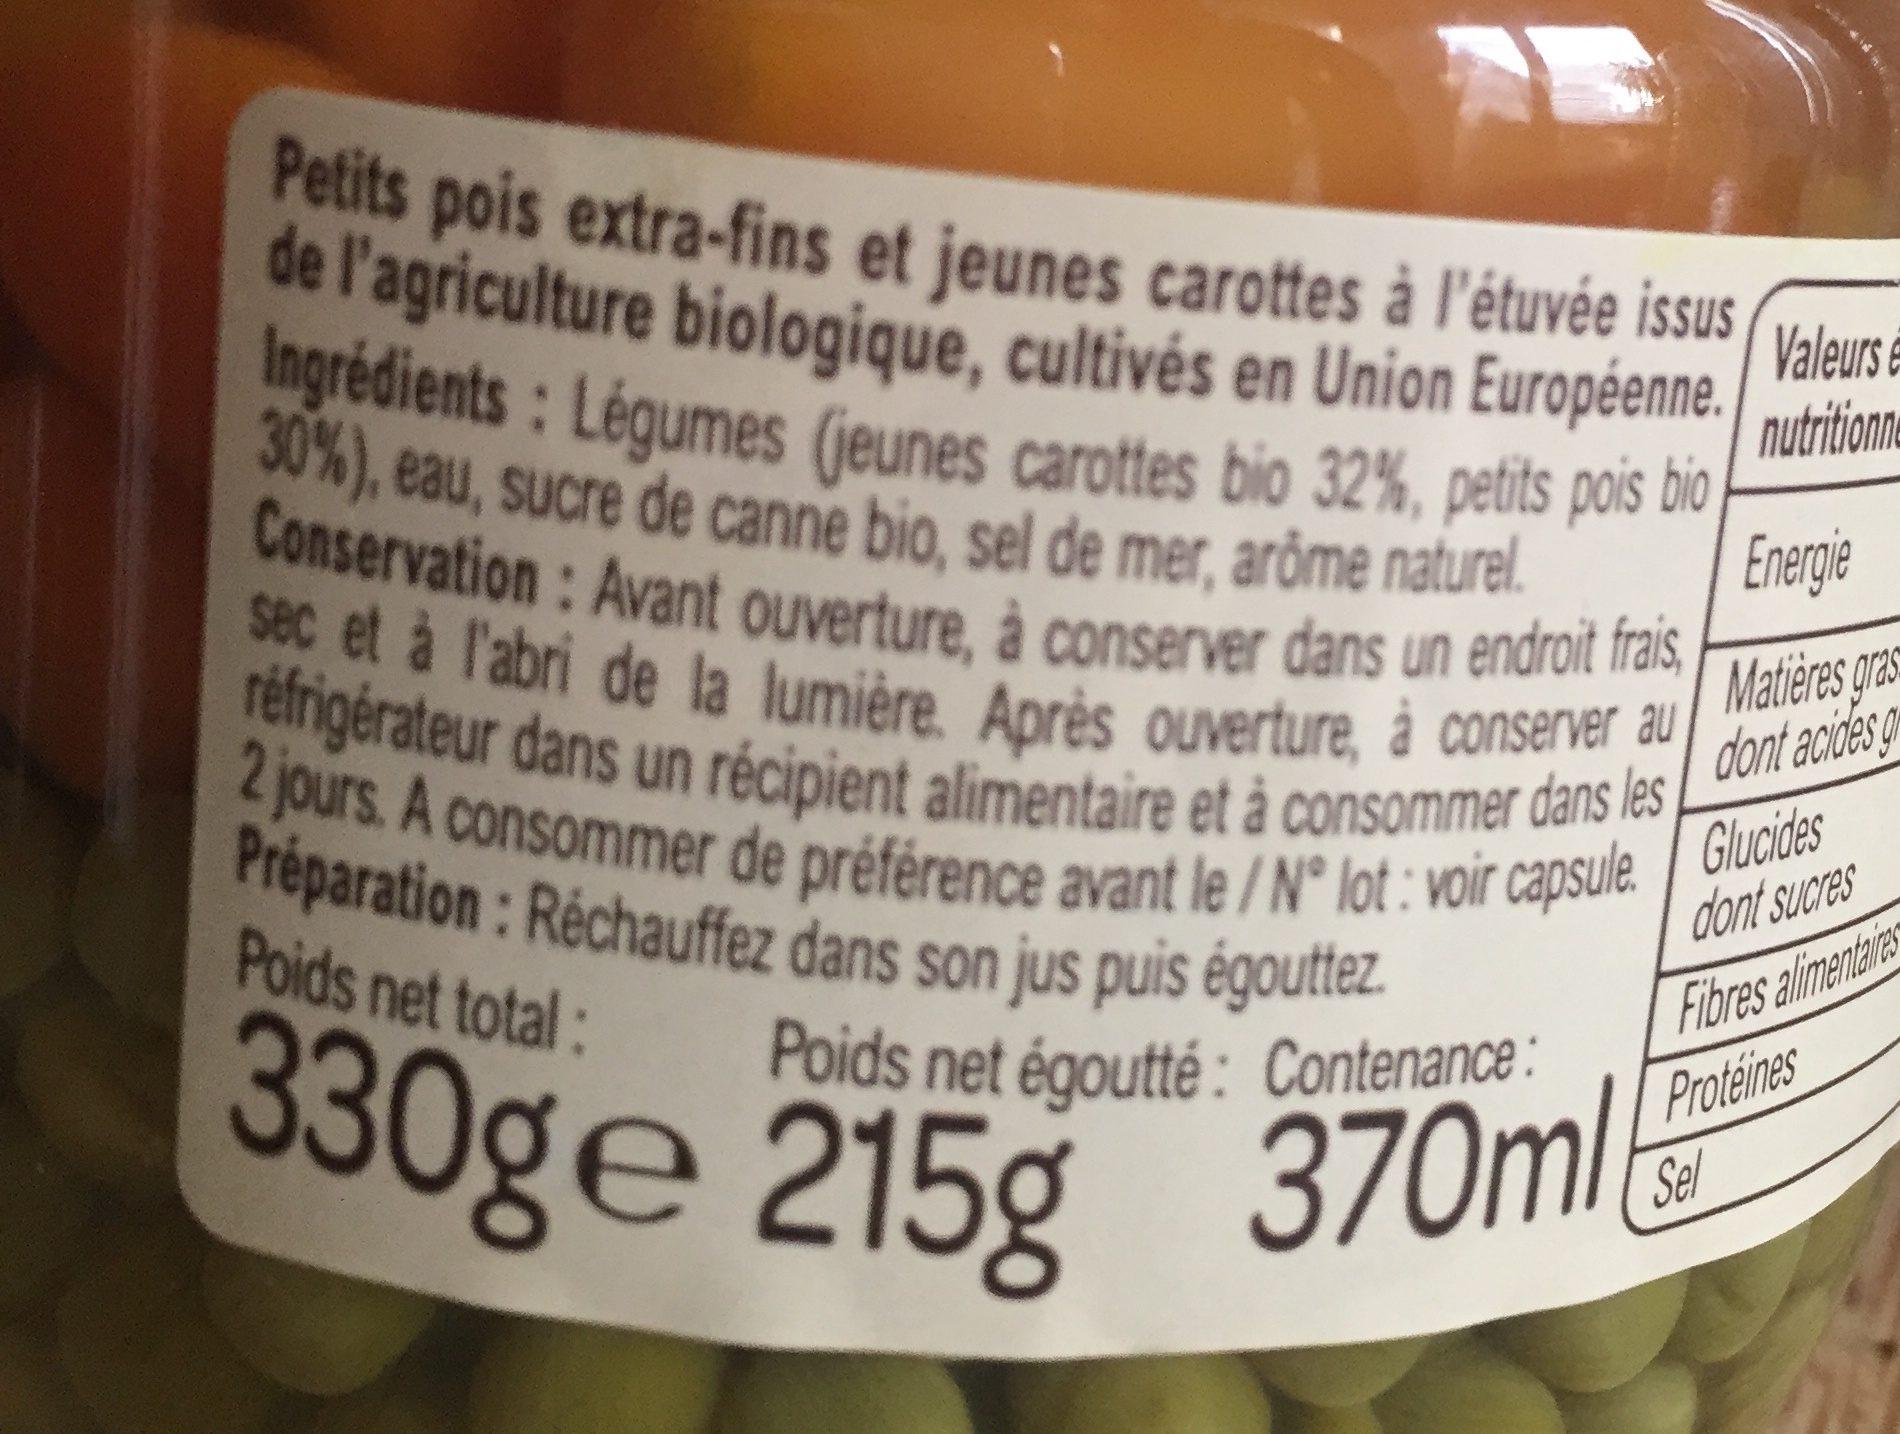 Petit pois extra fins et jeunes carottes à l'étuvée - Ingrédients - fr